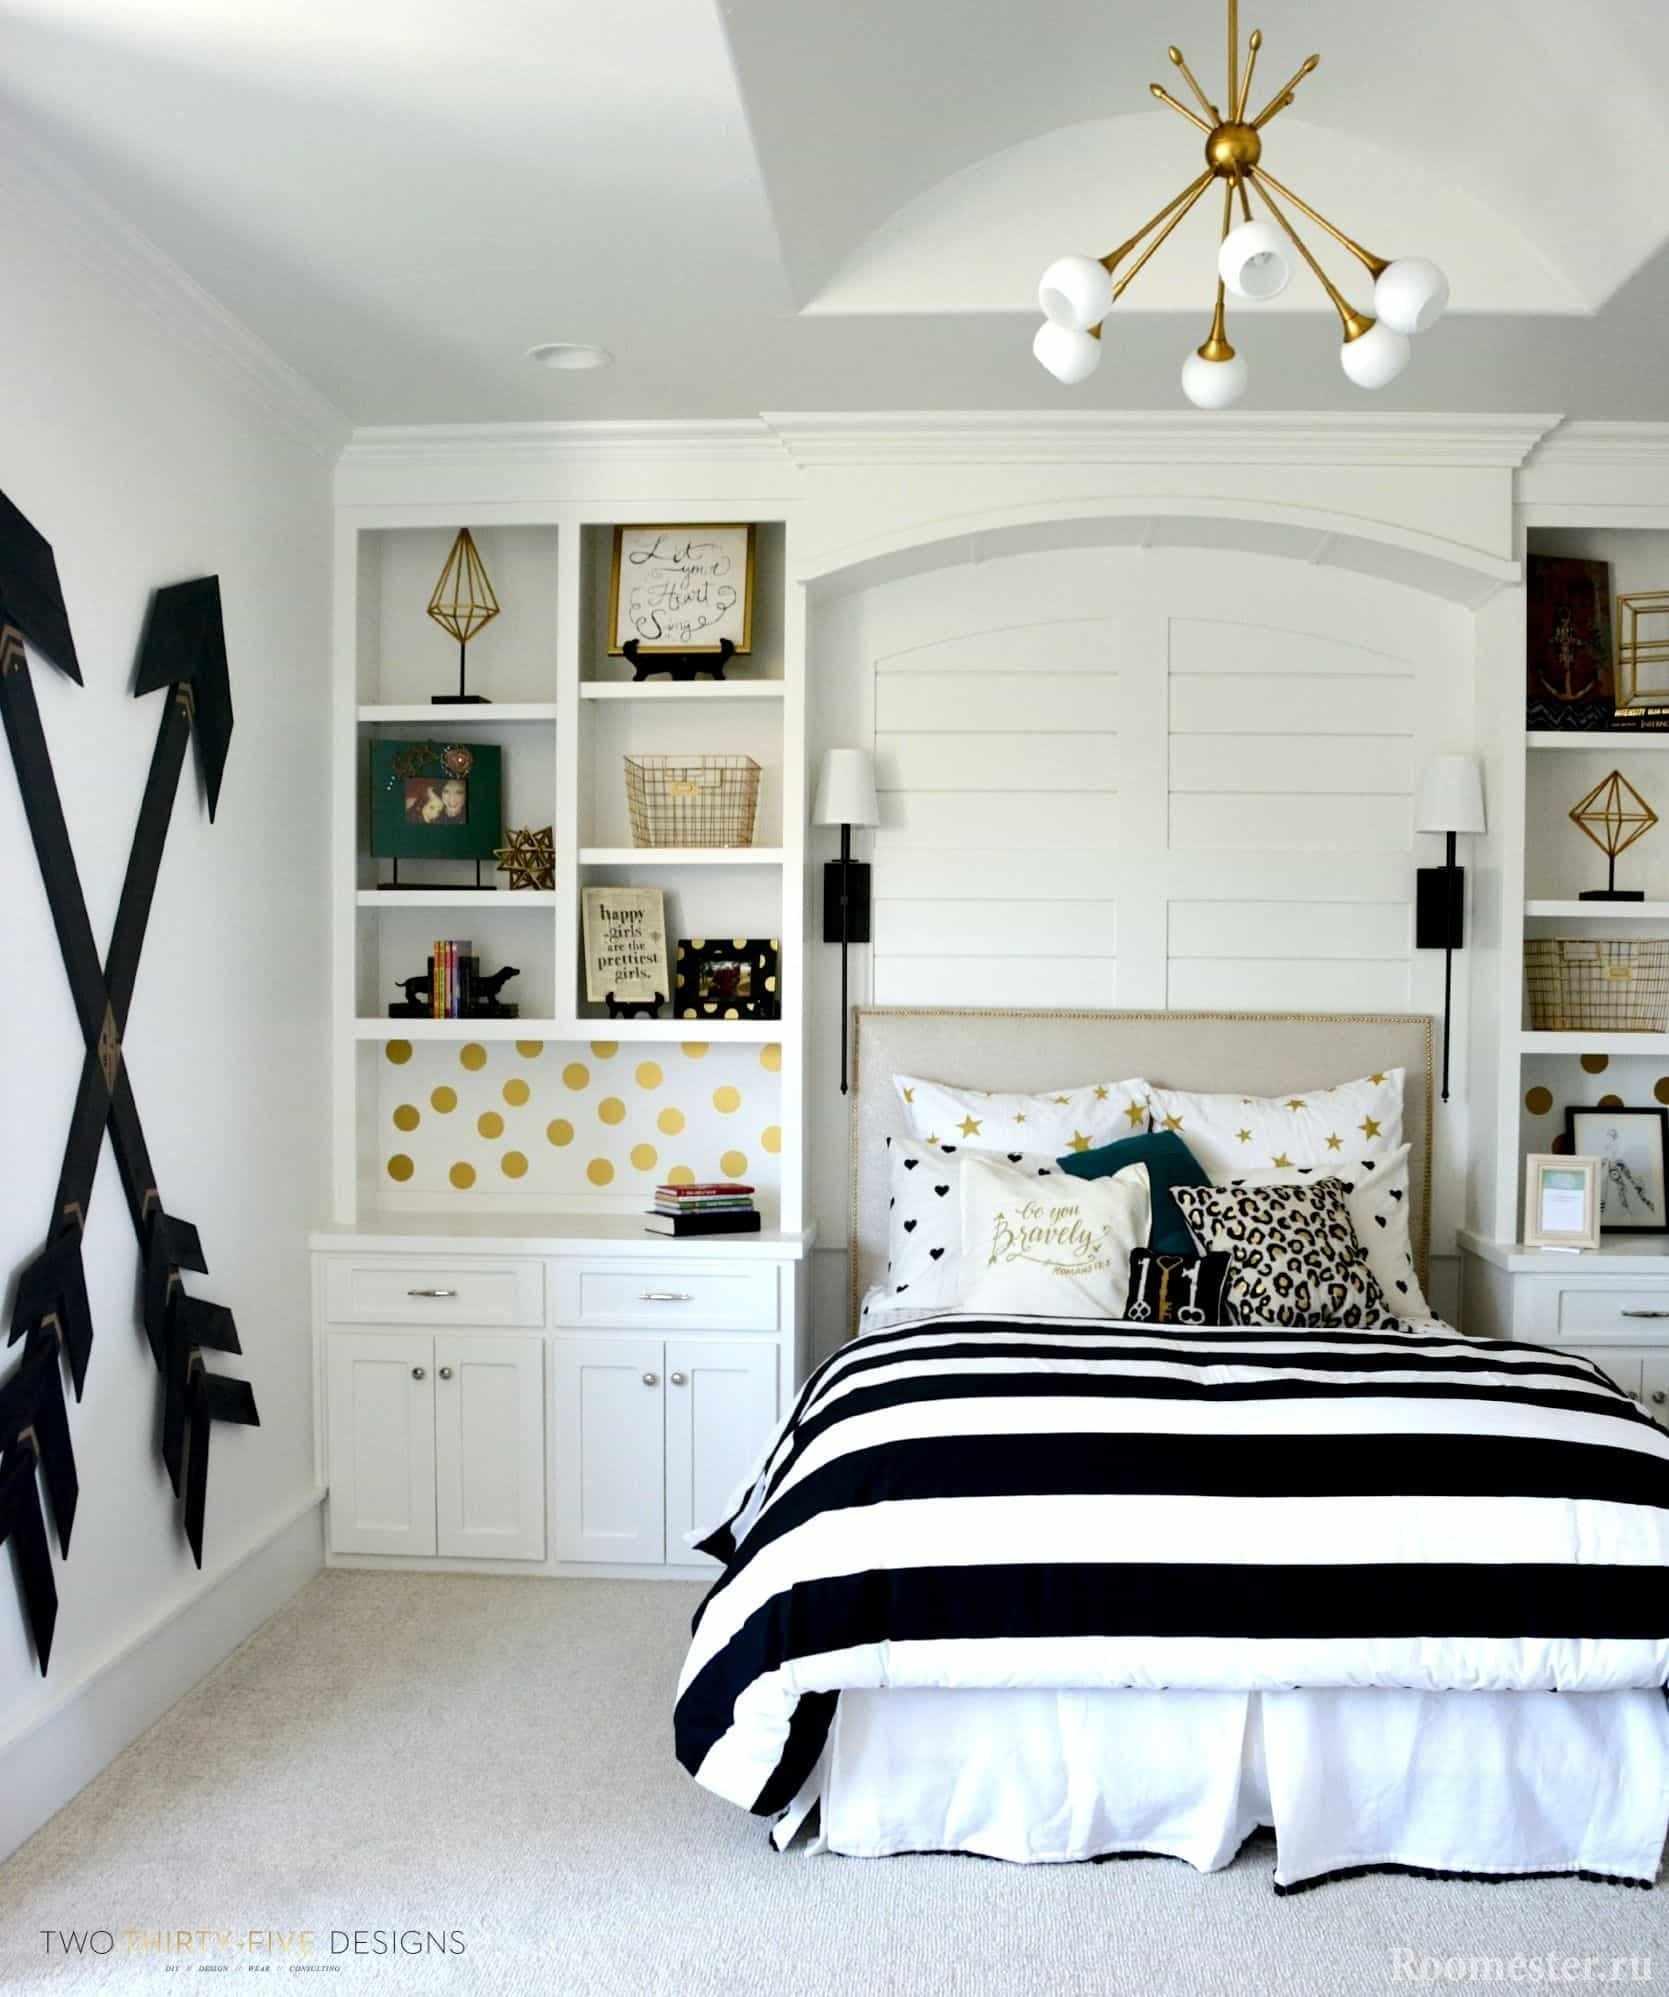 Черно-белый дизайн комнаты для девочки-подростка